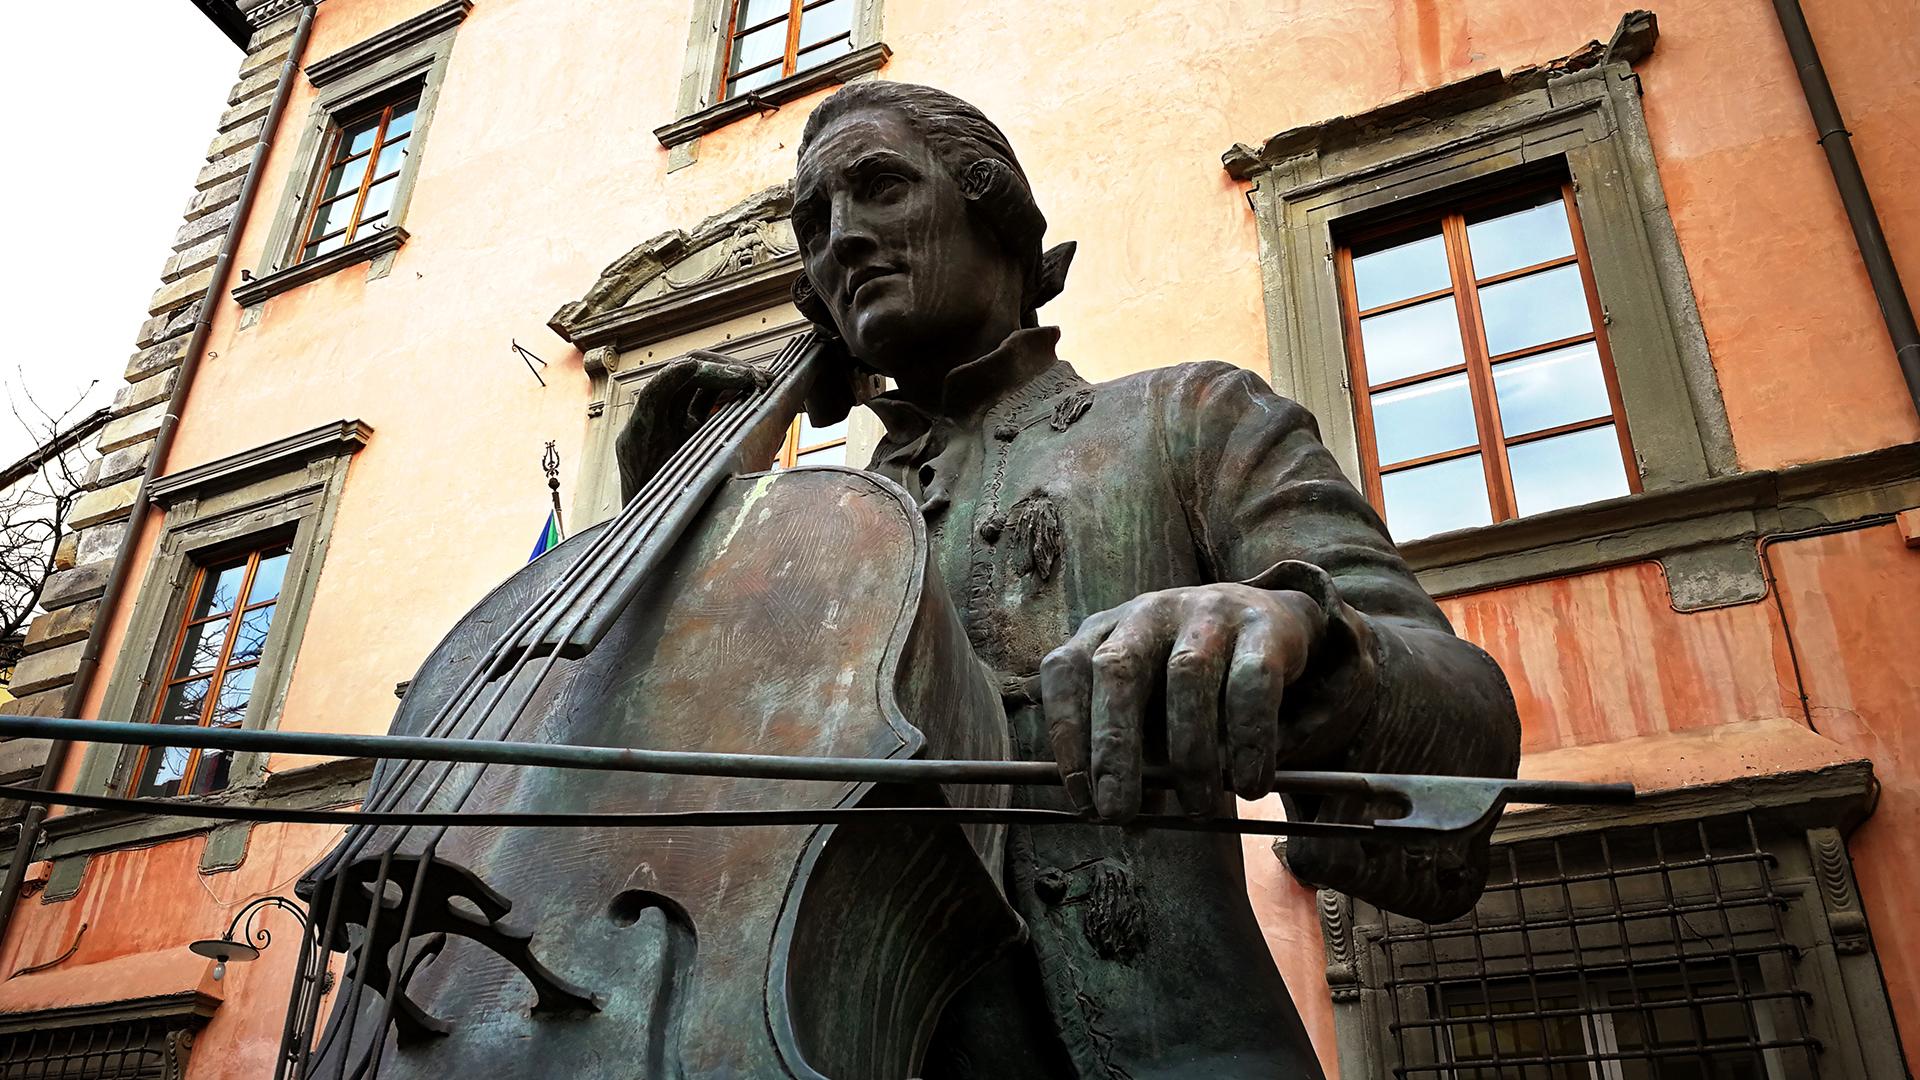 statua di Luigi Boccherini in piazza del suffragio a lucca